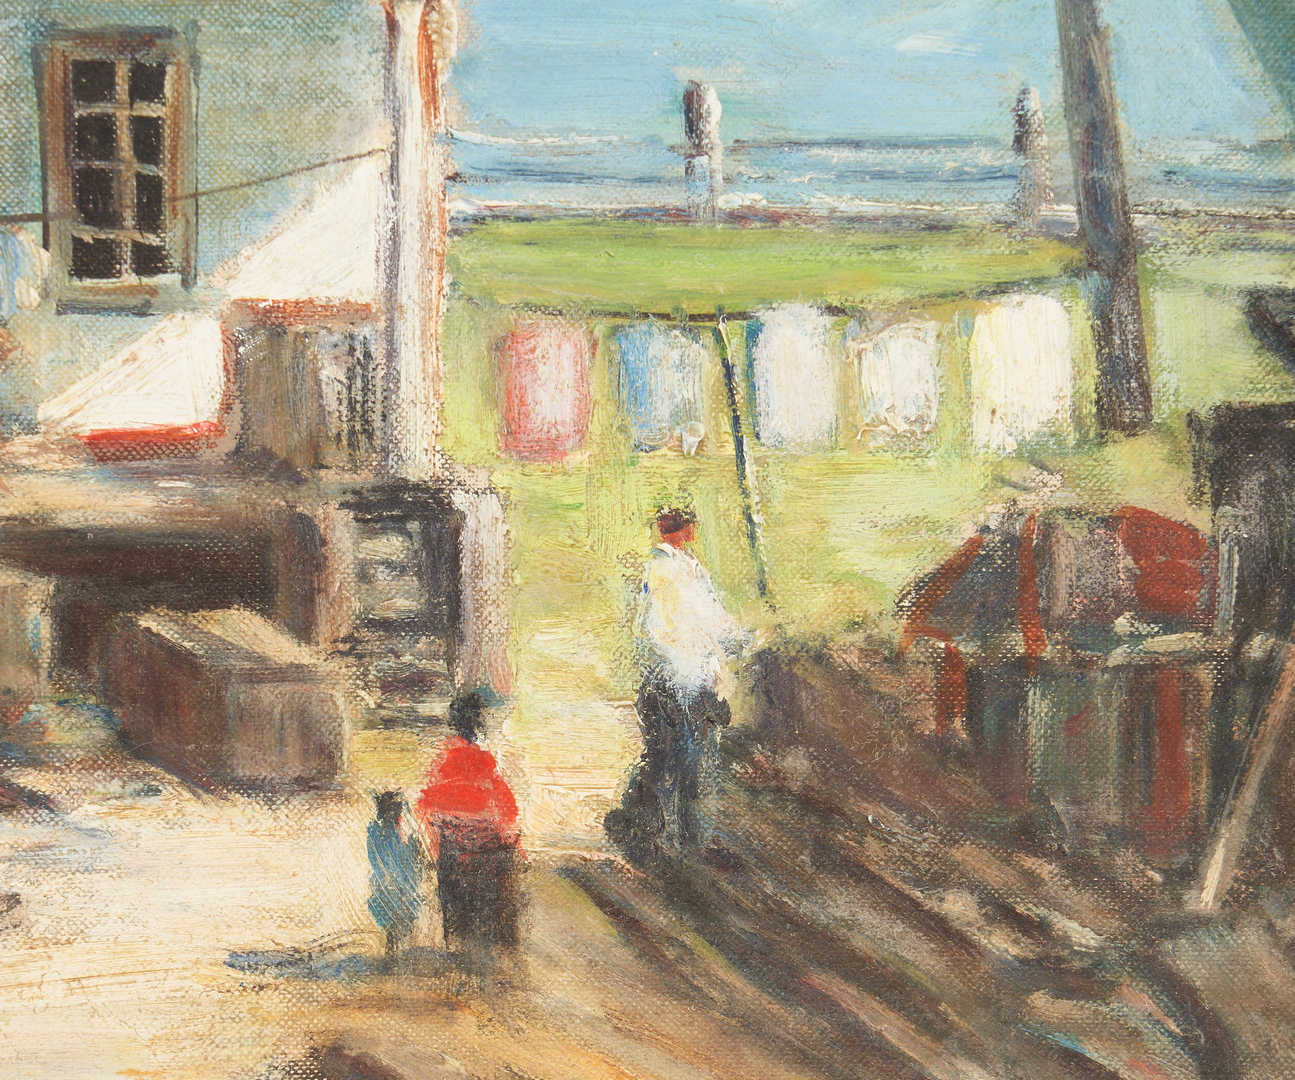 Lot 376: Exhibited John Enser O/B, the Boat Builder's House